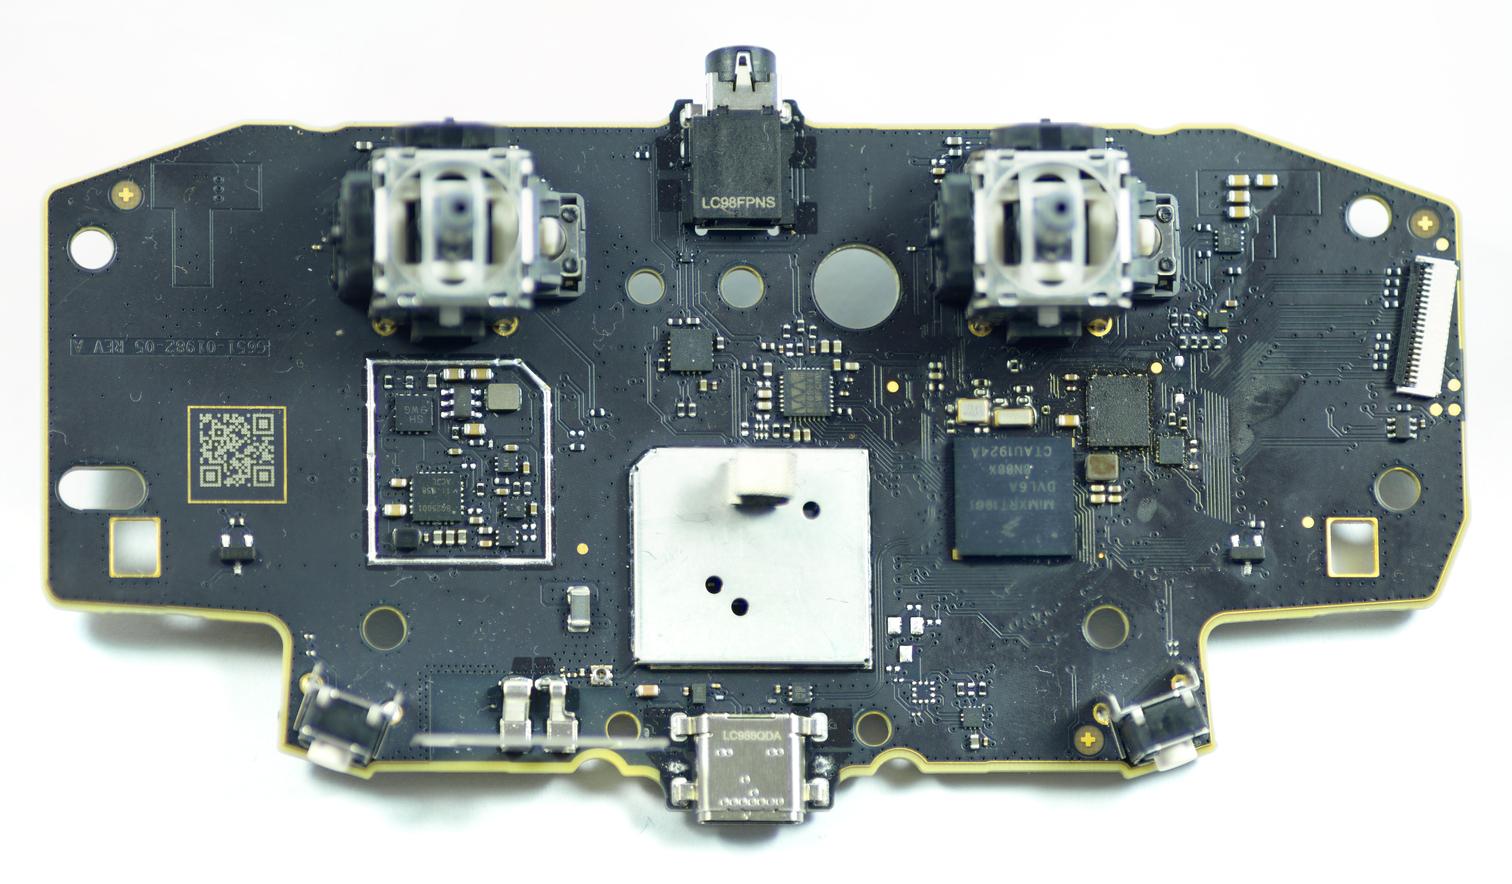 Gesamtbild der Platine (klick für höhere Auflösung). Die Verunreinigungen auf der rechten Seite sind Flux-Reste vom gescheiterten Versuch den Flash runter zu löten.